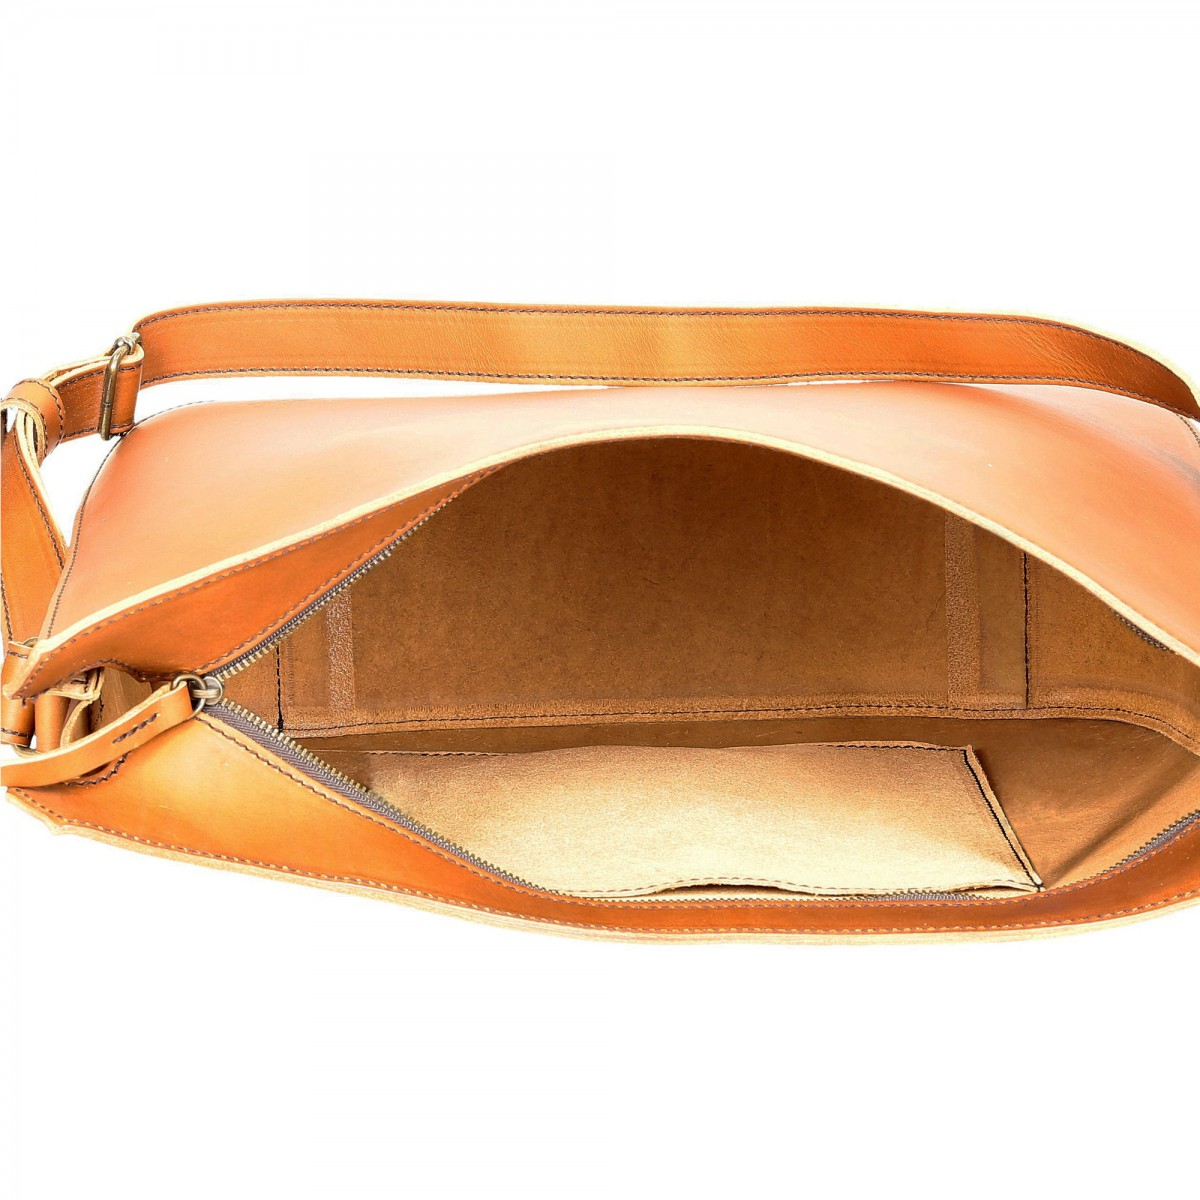 Handmade Vintage Handbags 32